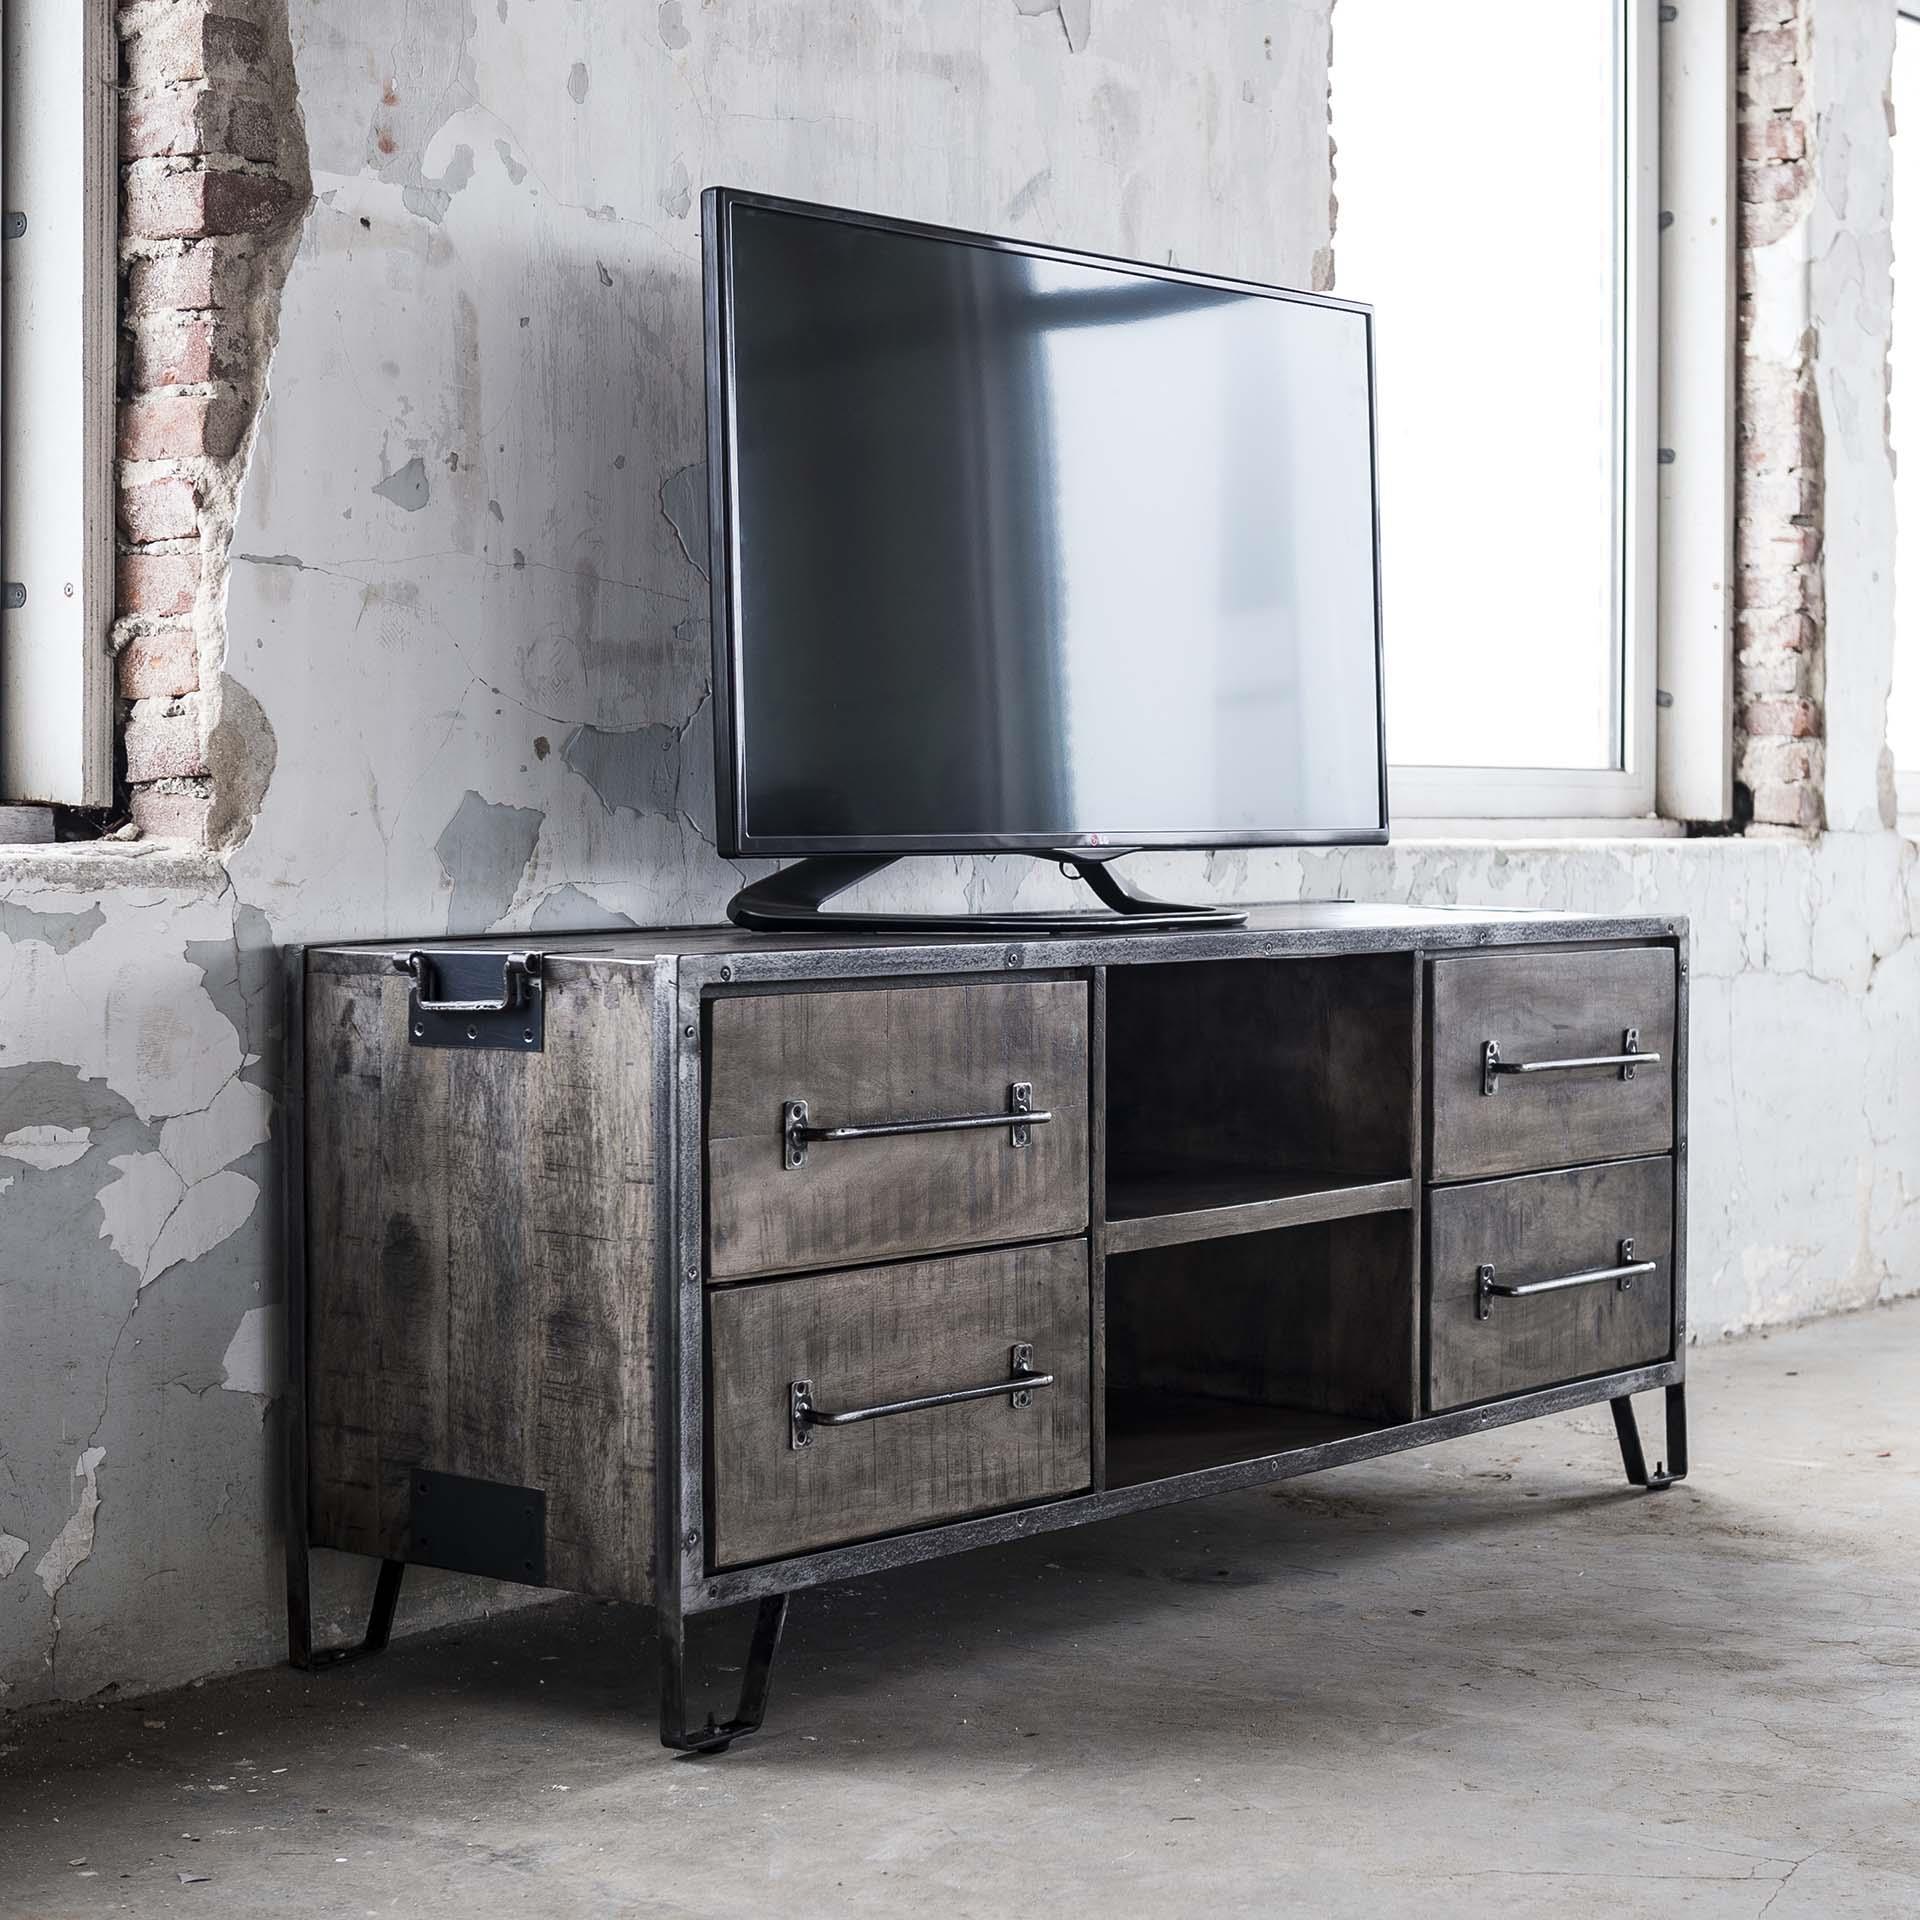 Kasten | Tv-Meubels & Tv-Kasten kopen van LifestyleFurn